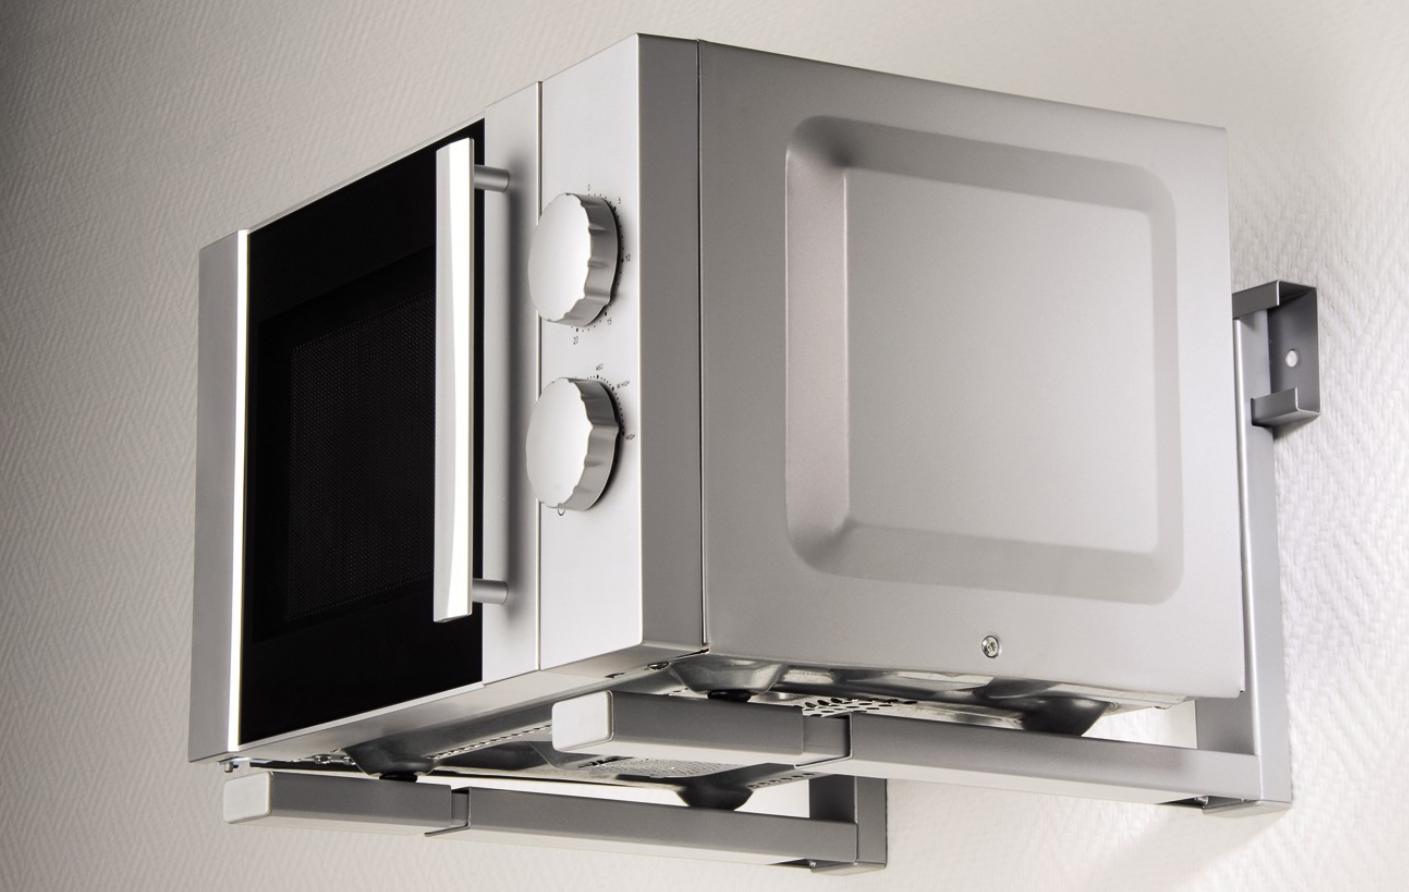 Xavax muurbeugel magnetron of oven zilver